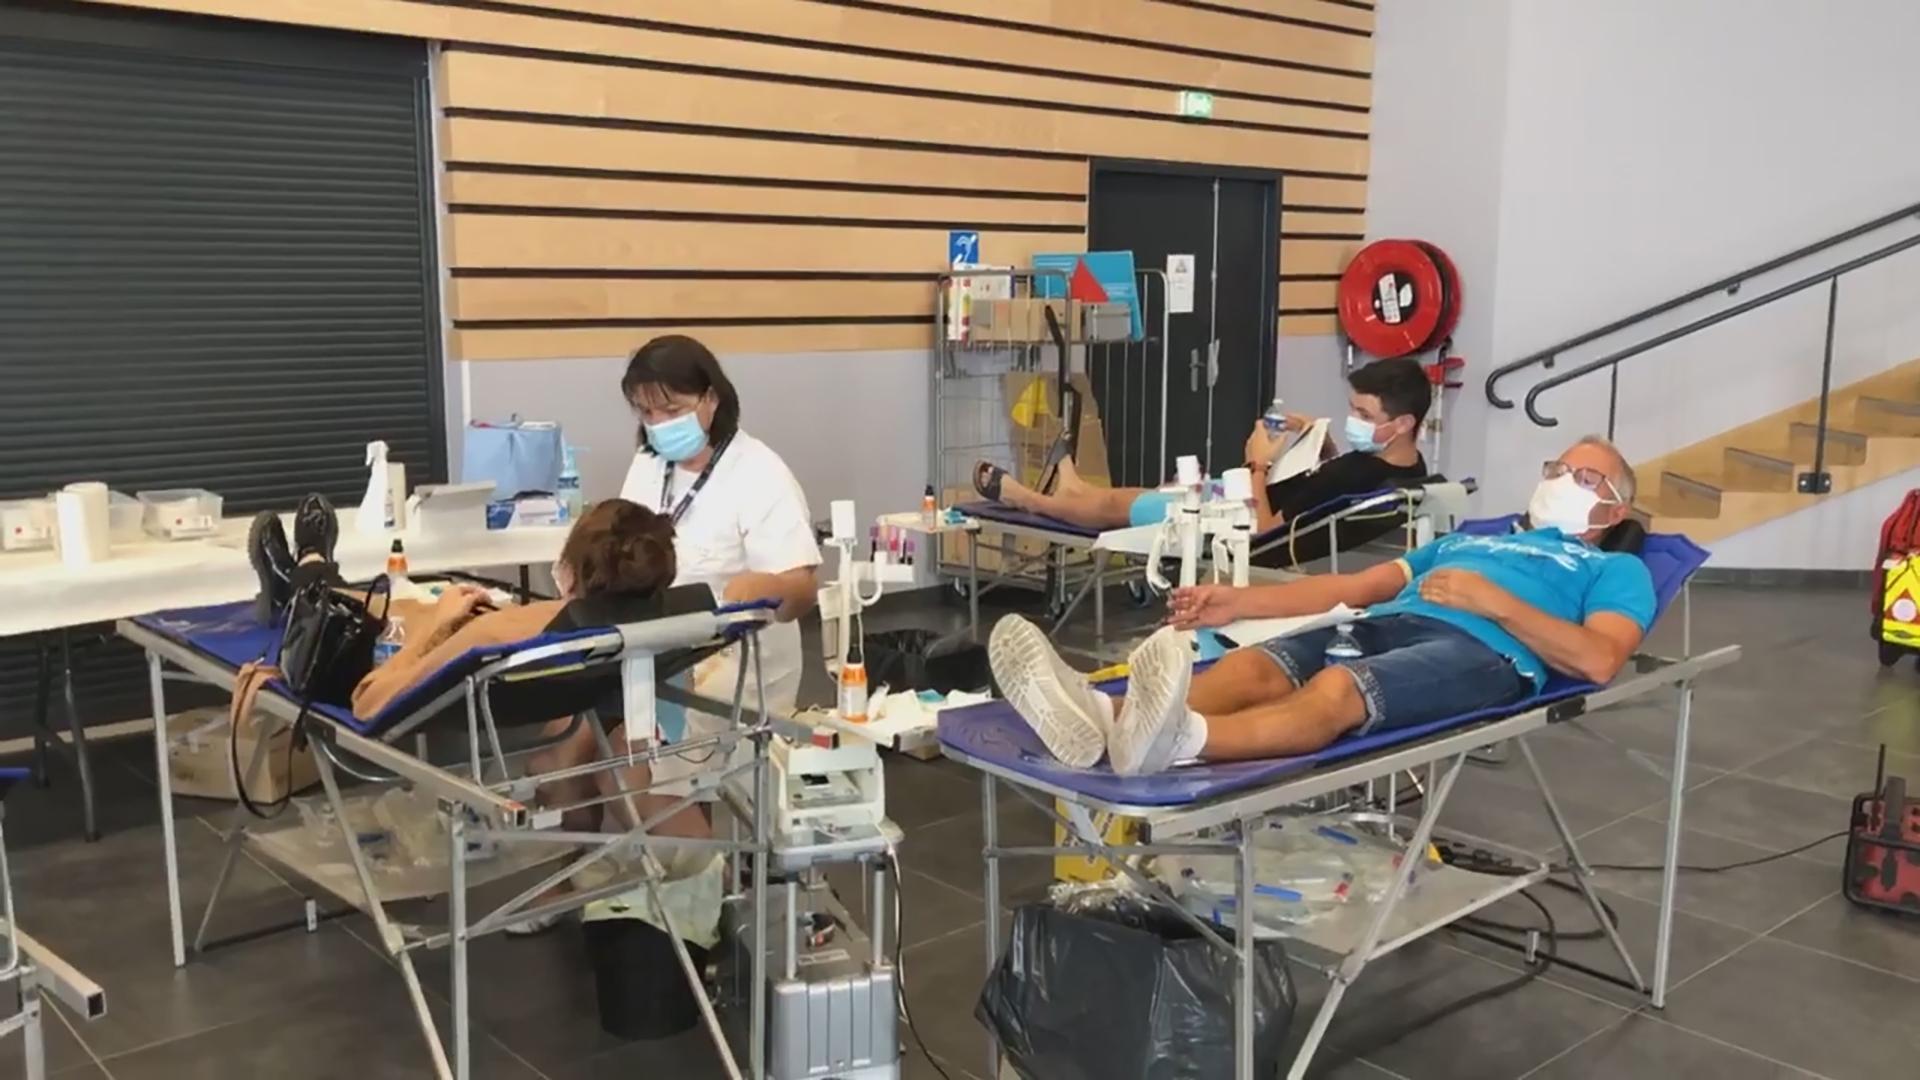 Infirmiere efs avec donneurs montady 01 09 2020